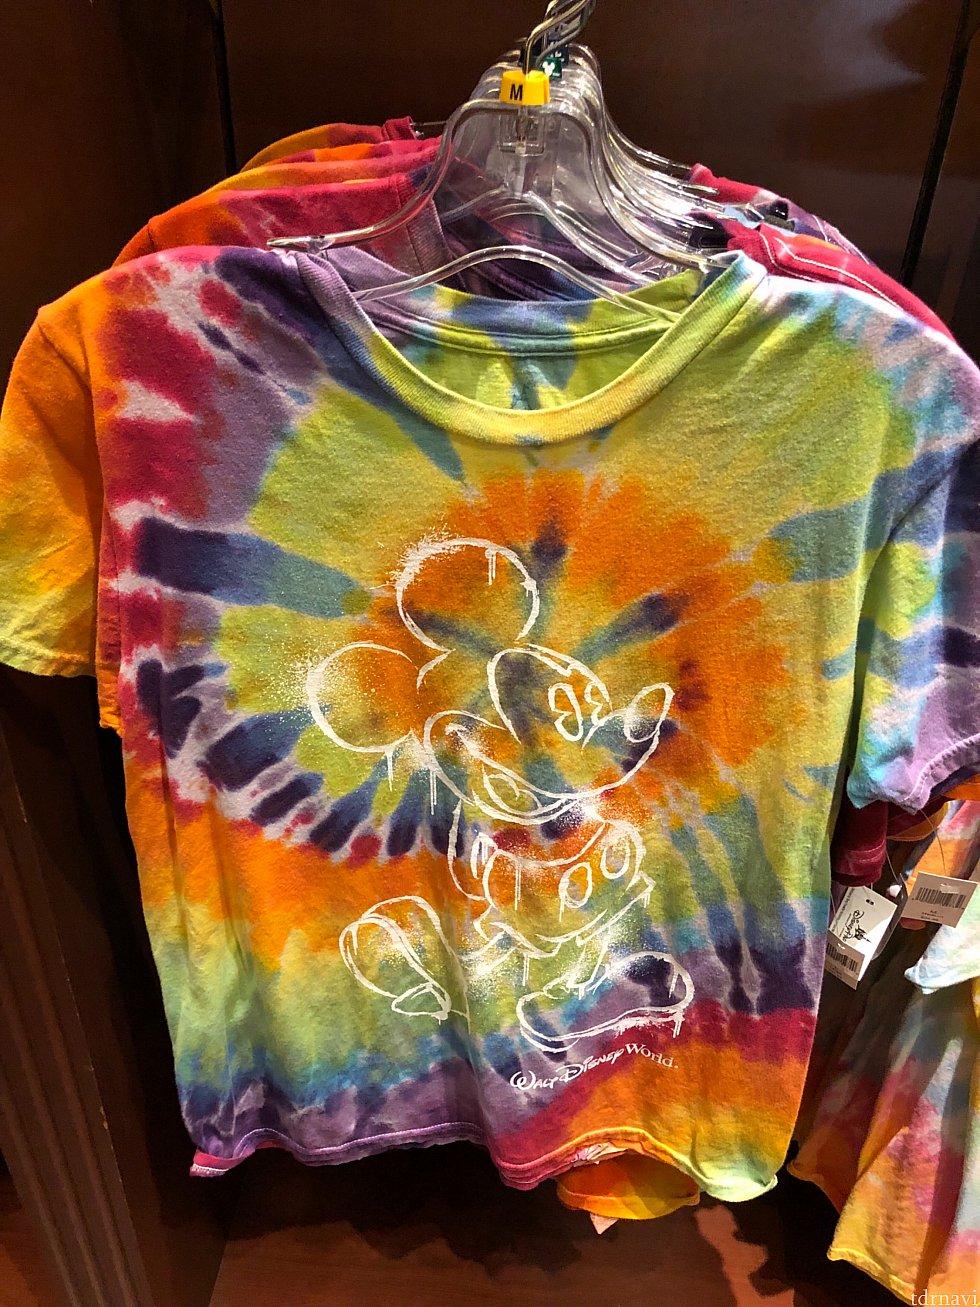 僕が昨年の同イベント中に購入し、レポートでも評判の良かったこのTシャツ。今年もありましたが、昨年のより、色合いが薄いので、少し落ち着いた印象です。$34.99